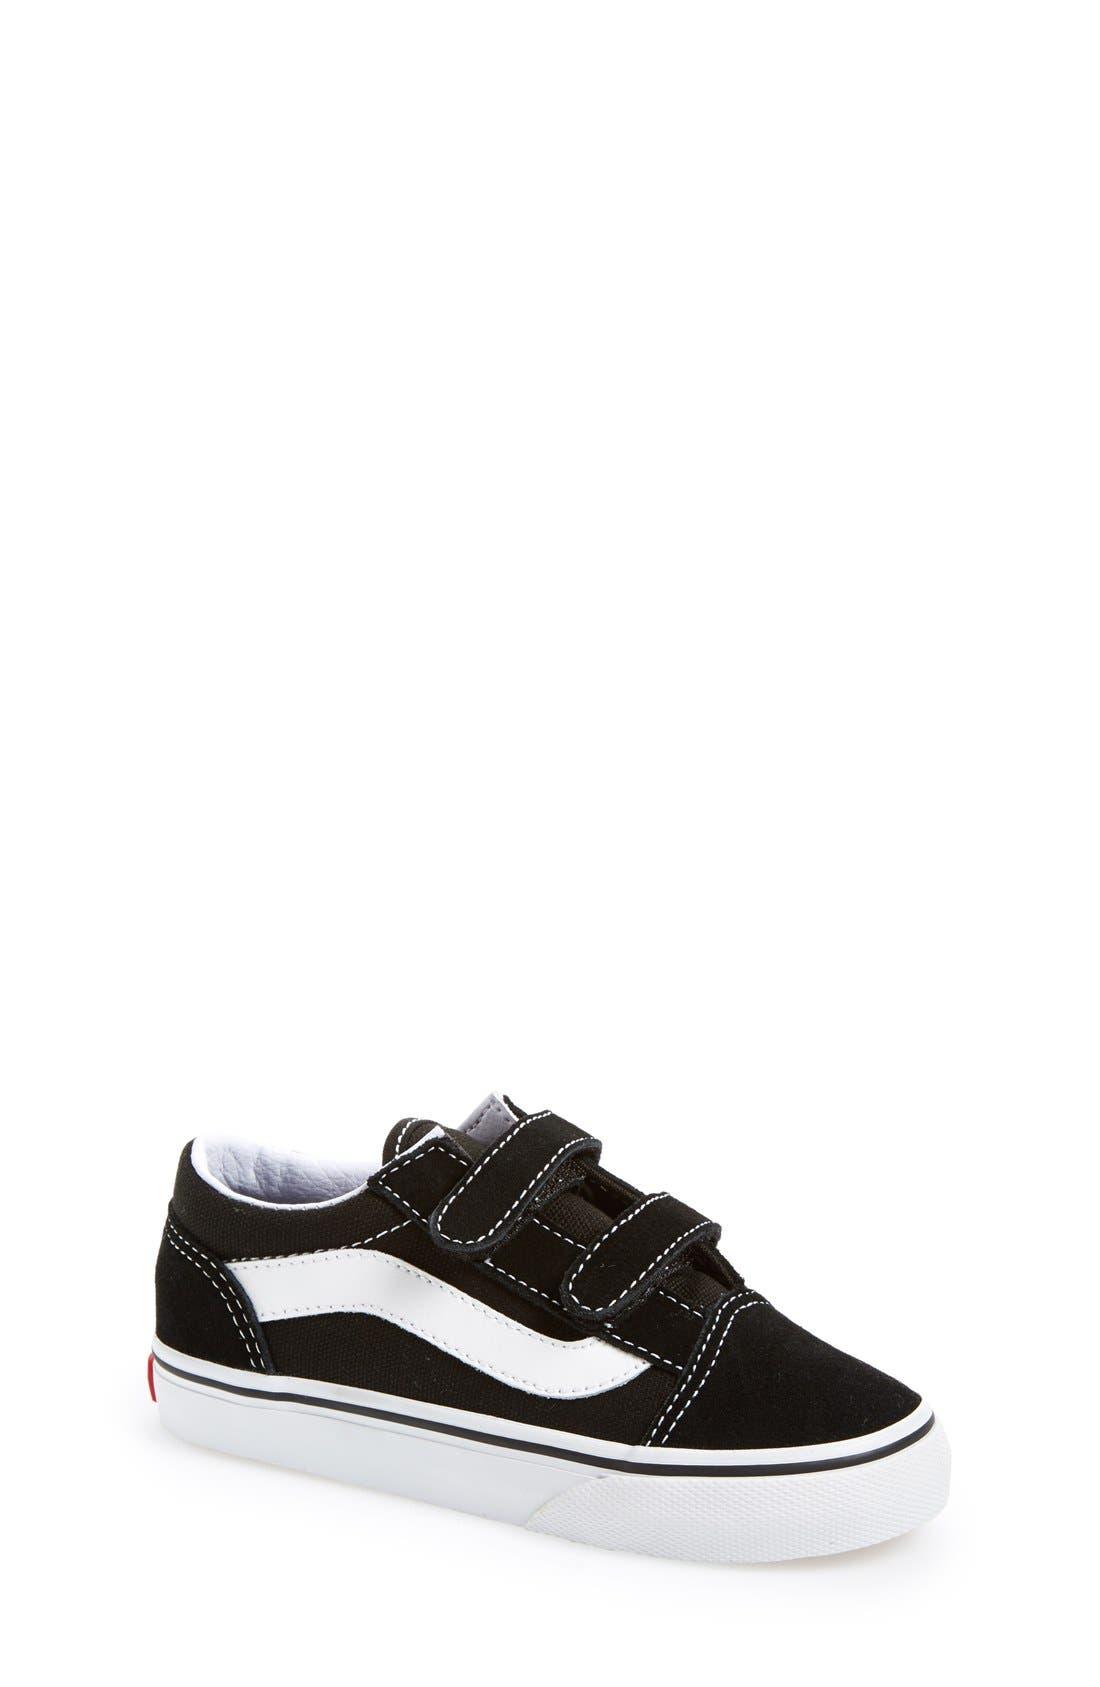 Main Image - Vans 'Old Skool' Sneaker (Baby, Walker & Toddler)